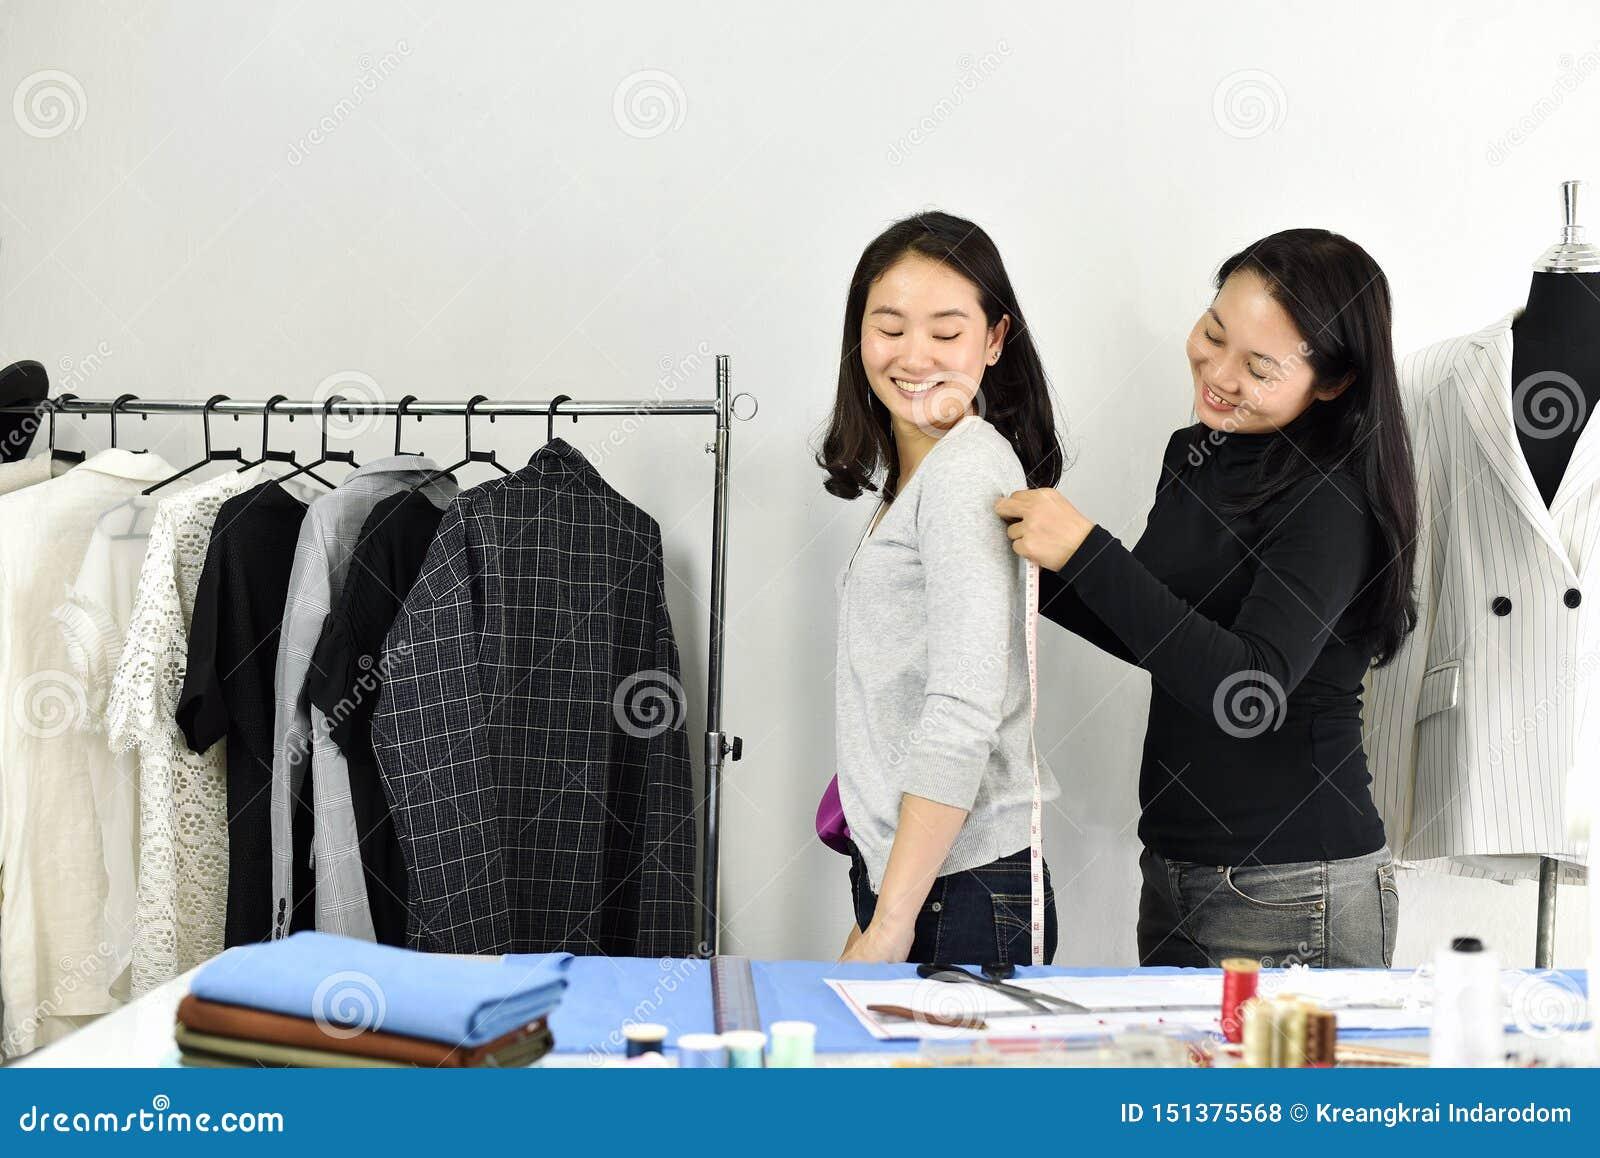 Dimensione corporea del cliente di misure dello stilista con nastro adesivo di misurazione, modello del sarto su misura progettaz